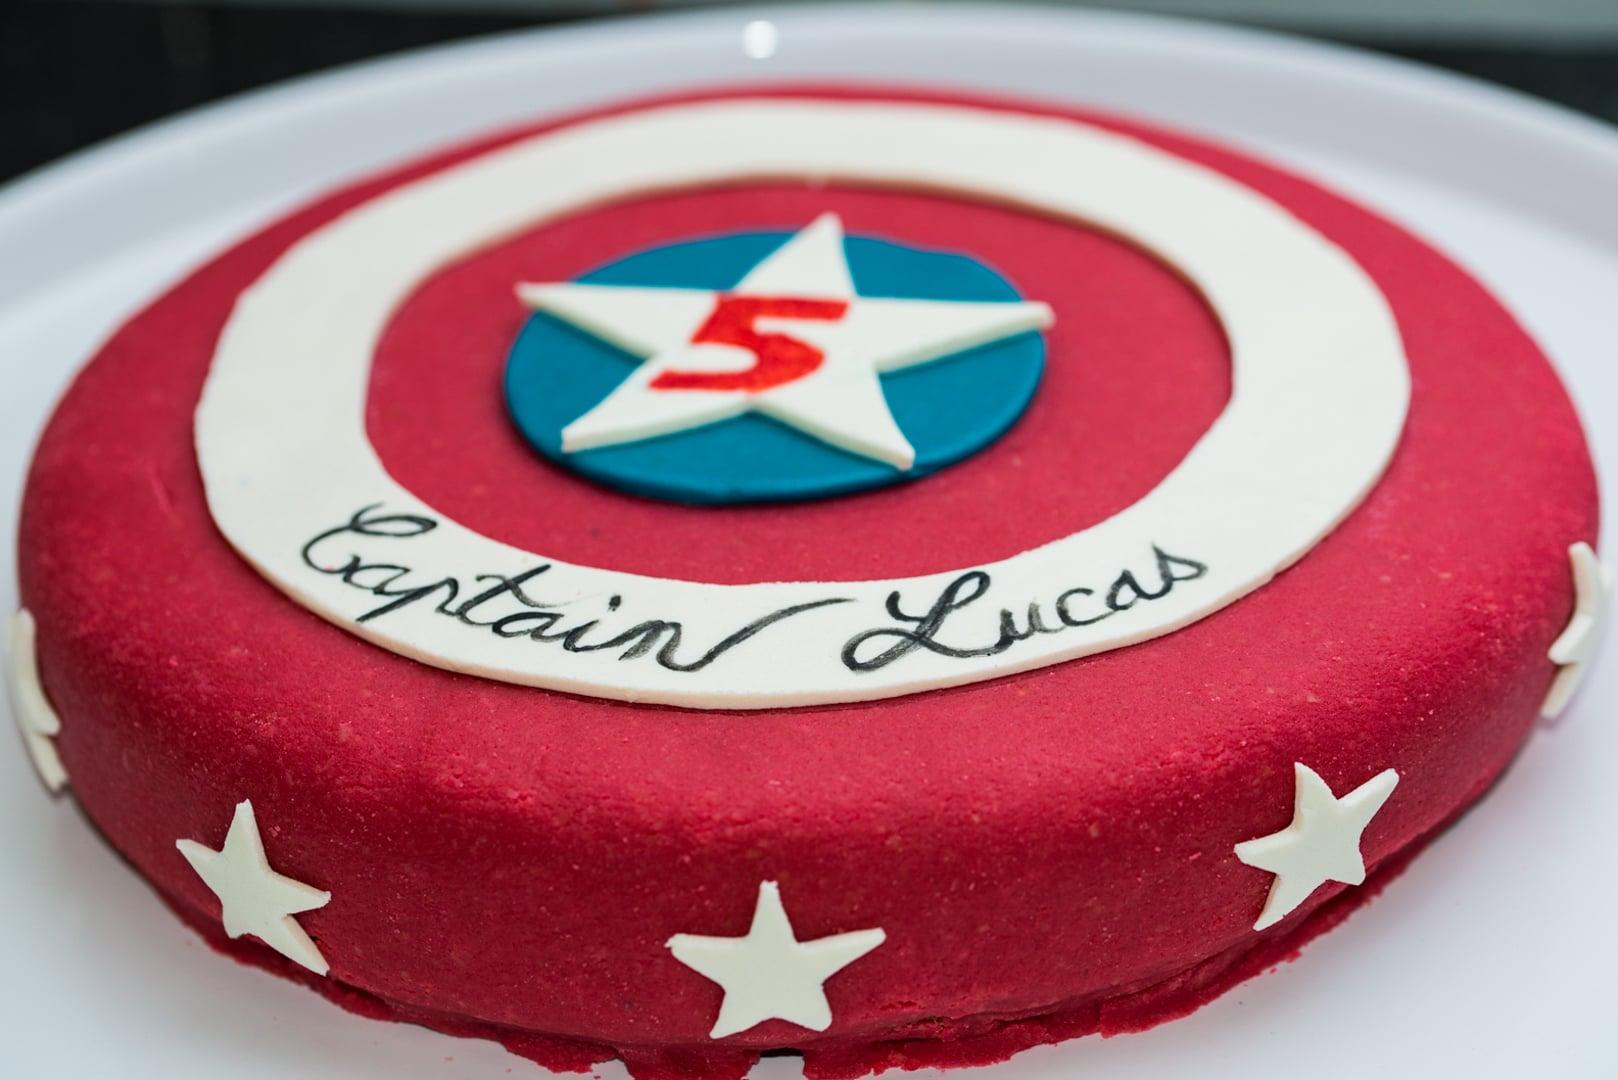 Photographe Gâteau anniversaire Lucas 5 ans